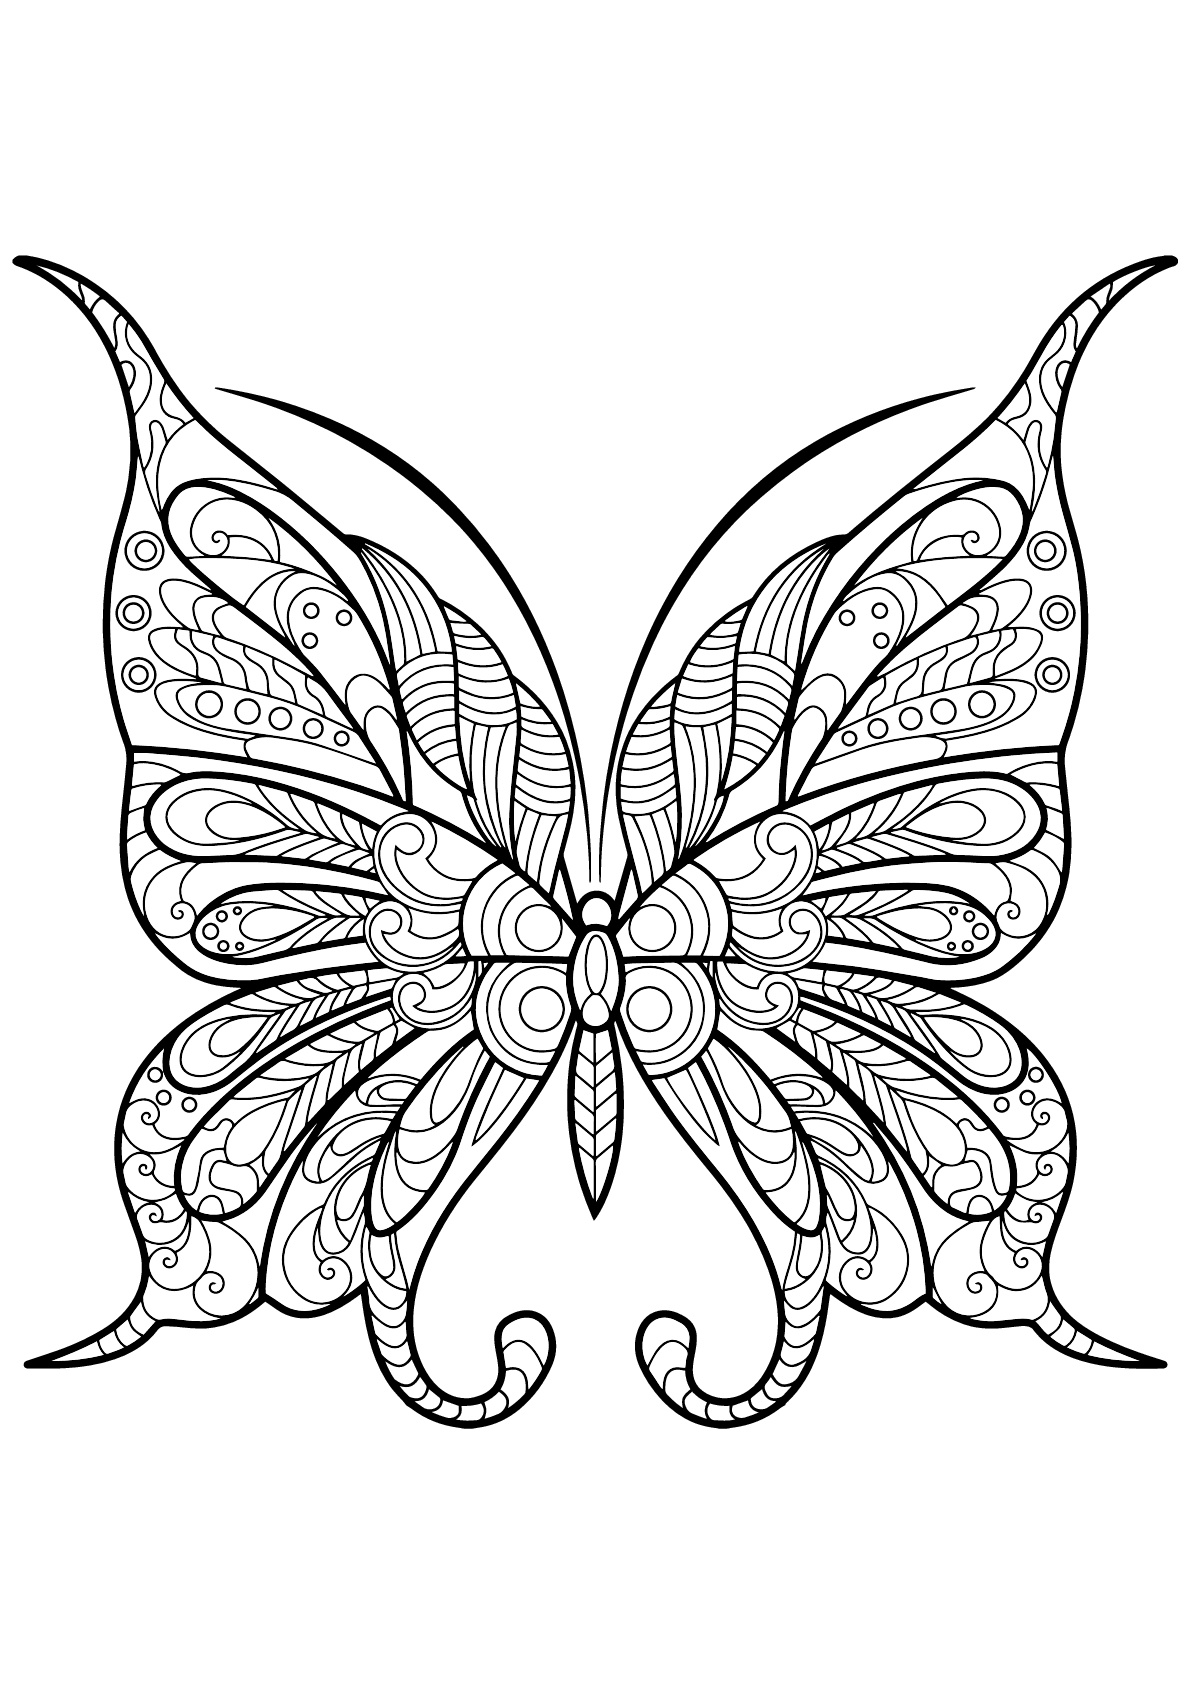 Insectos 5256 - Mariposas e insectos - Just Color : Colorear para ...